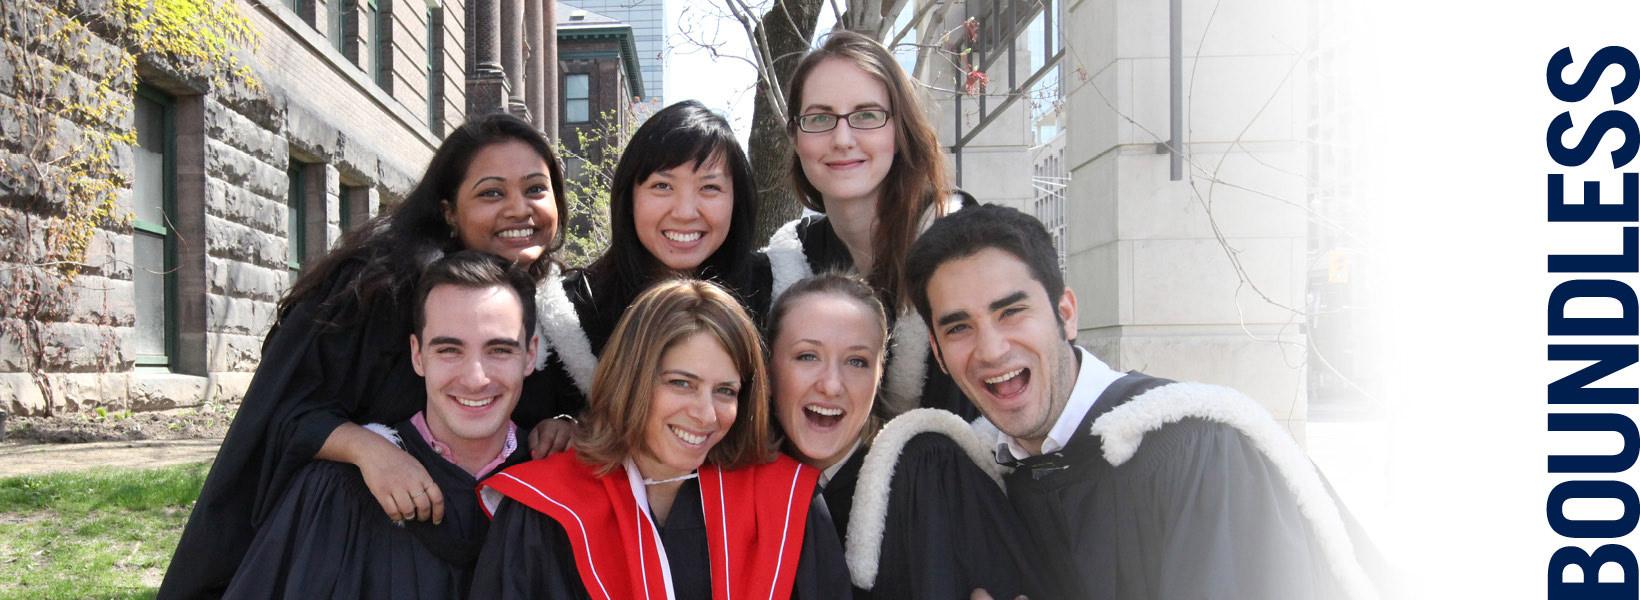 دانشگاه تورنتو | University of Toronto